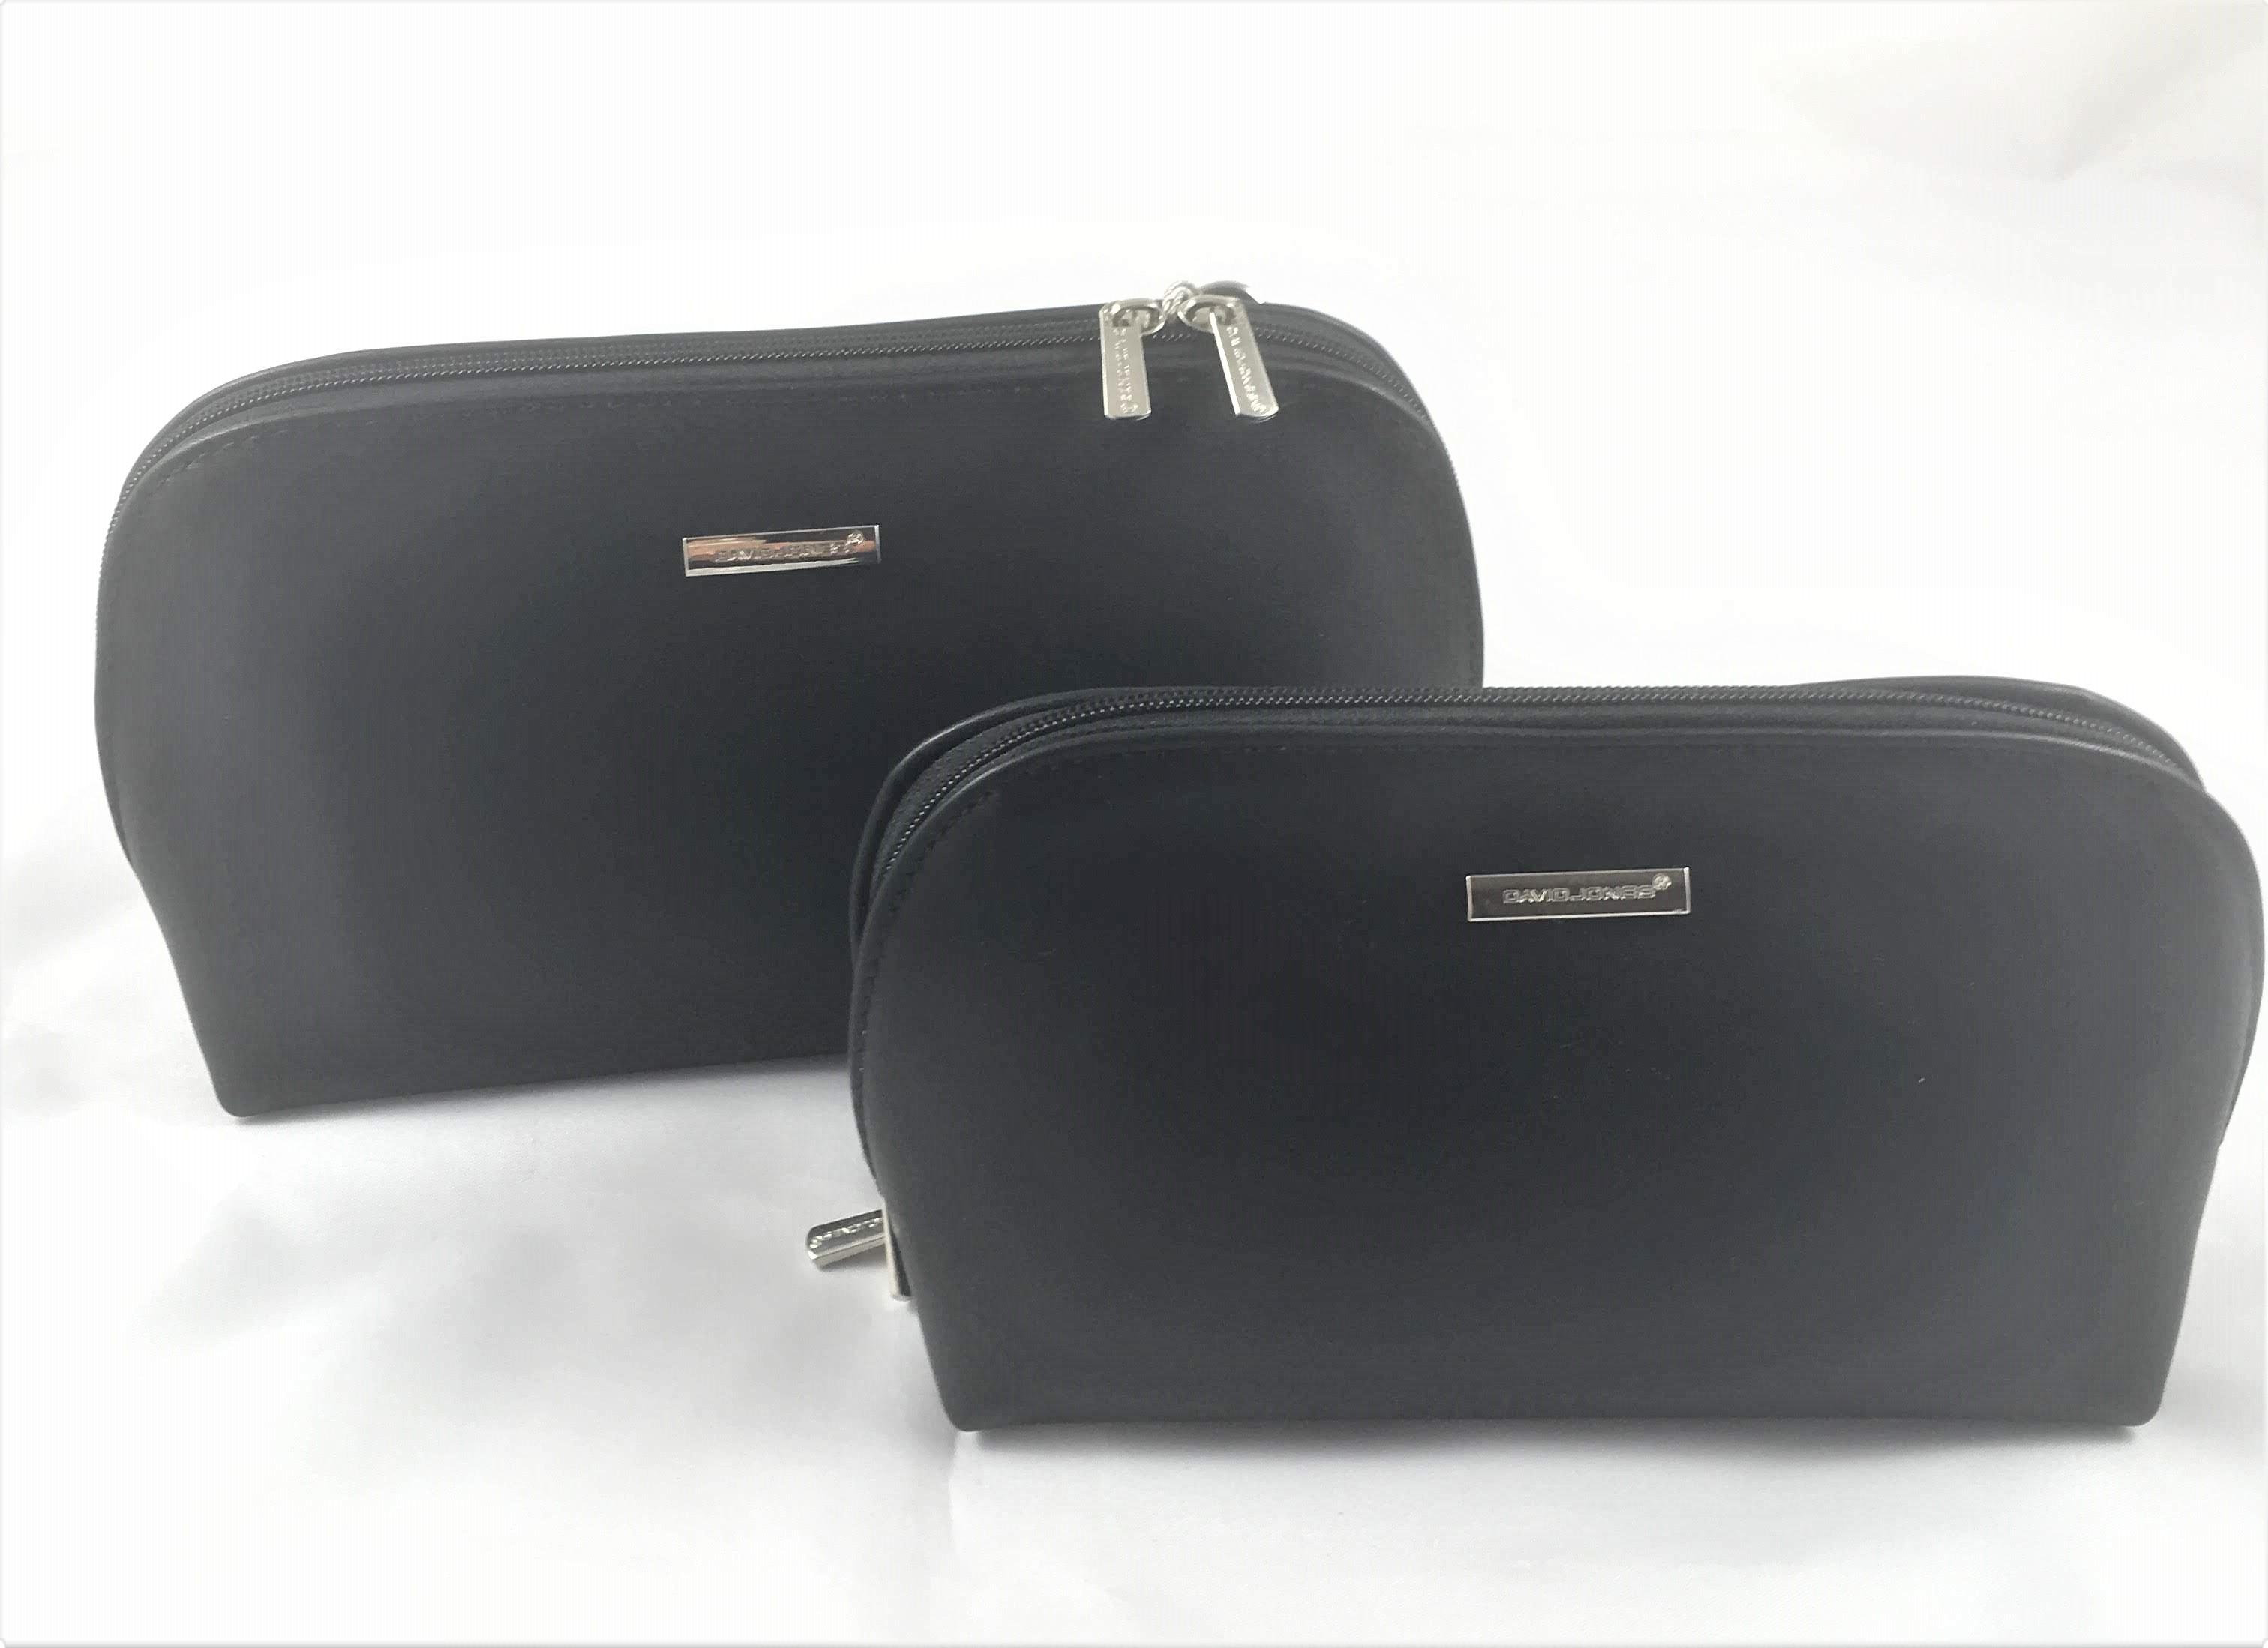 5260f8ce4aab Tehát egy táskáért kettőt kapunk. Tökéletes választás egyszerű fekete színe  jól illeszkedik bármilyen öltözékhez.